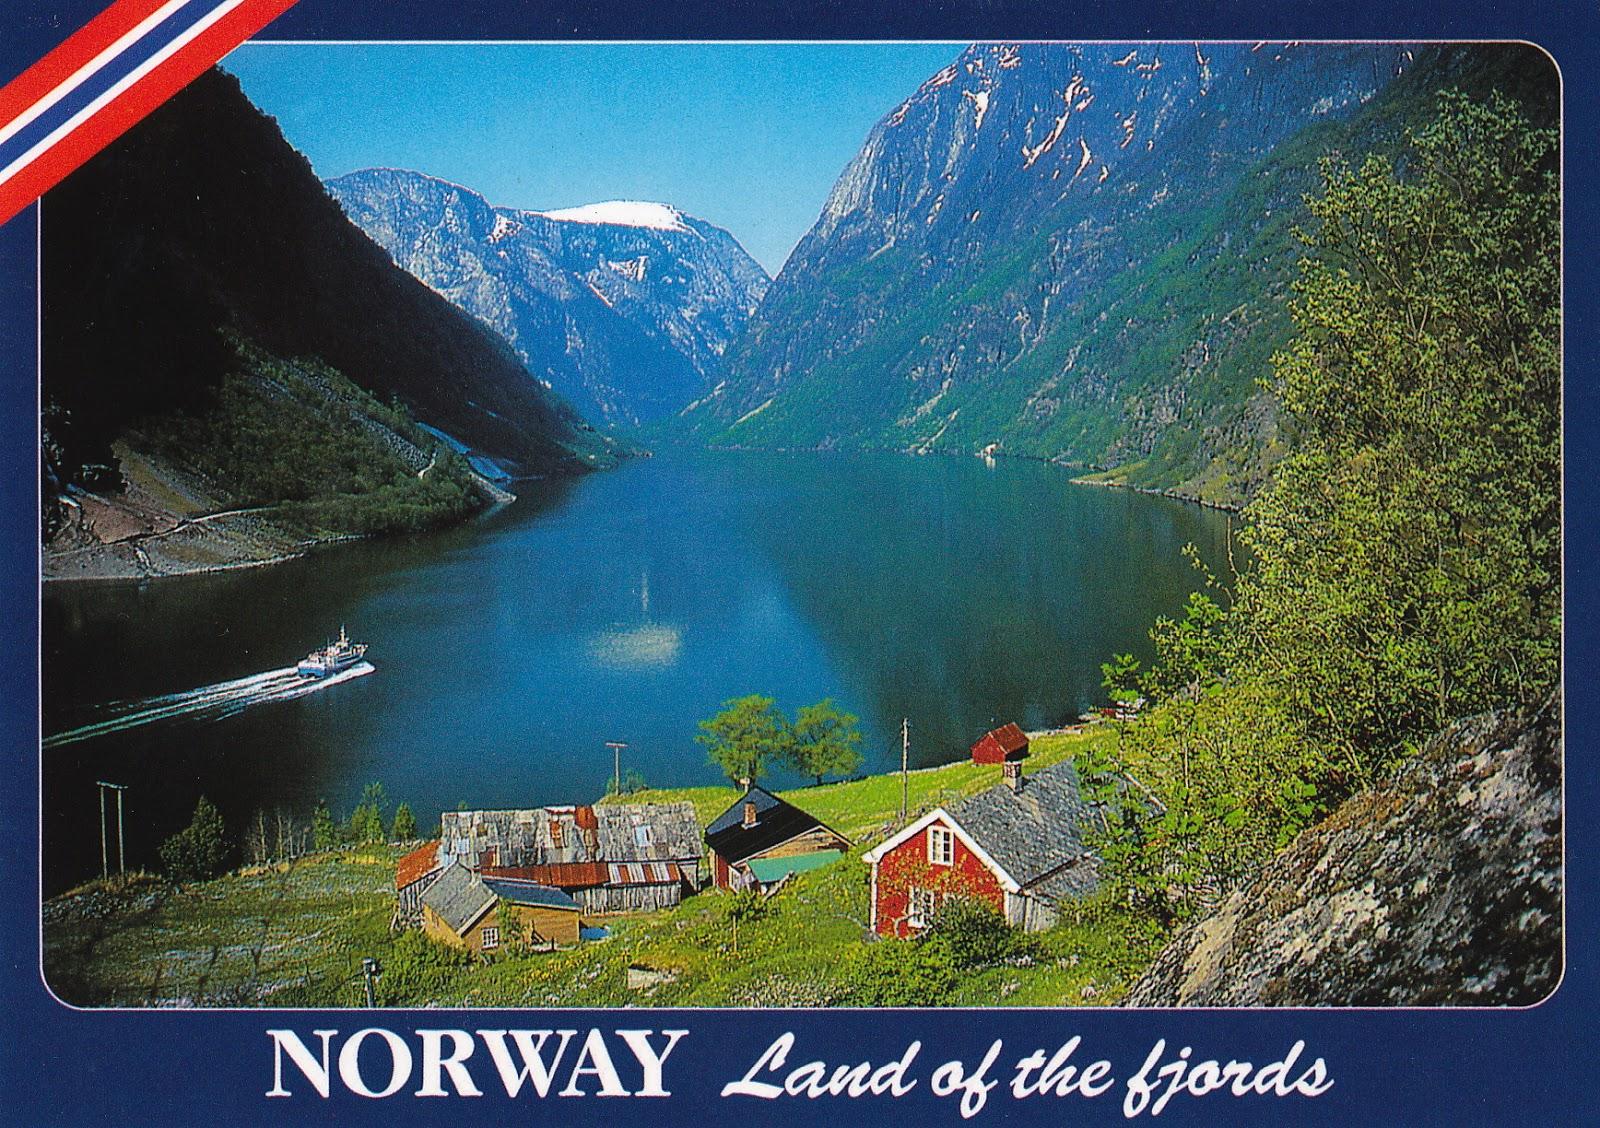 Pošalji mi razglednicu, neću SMS, po azbuci - Page 19 Norway,+Fjords+00.07.2013